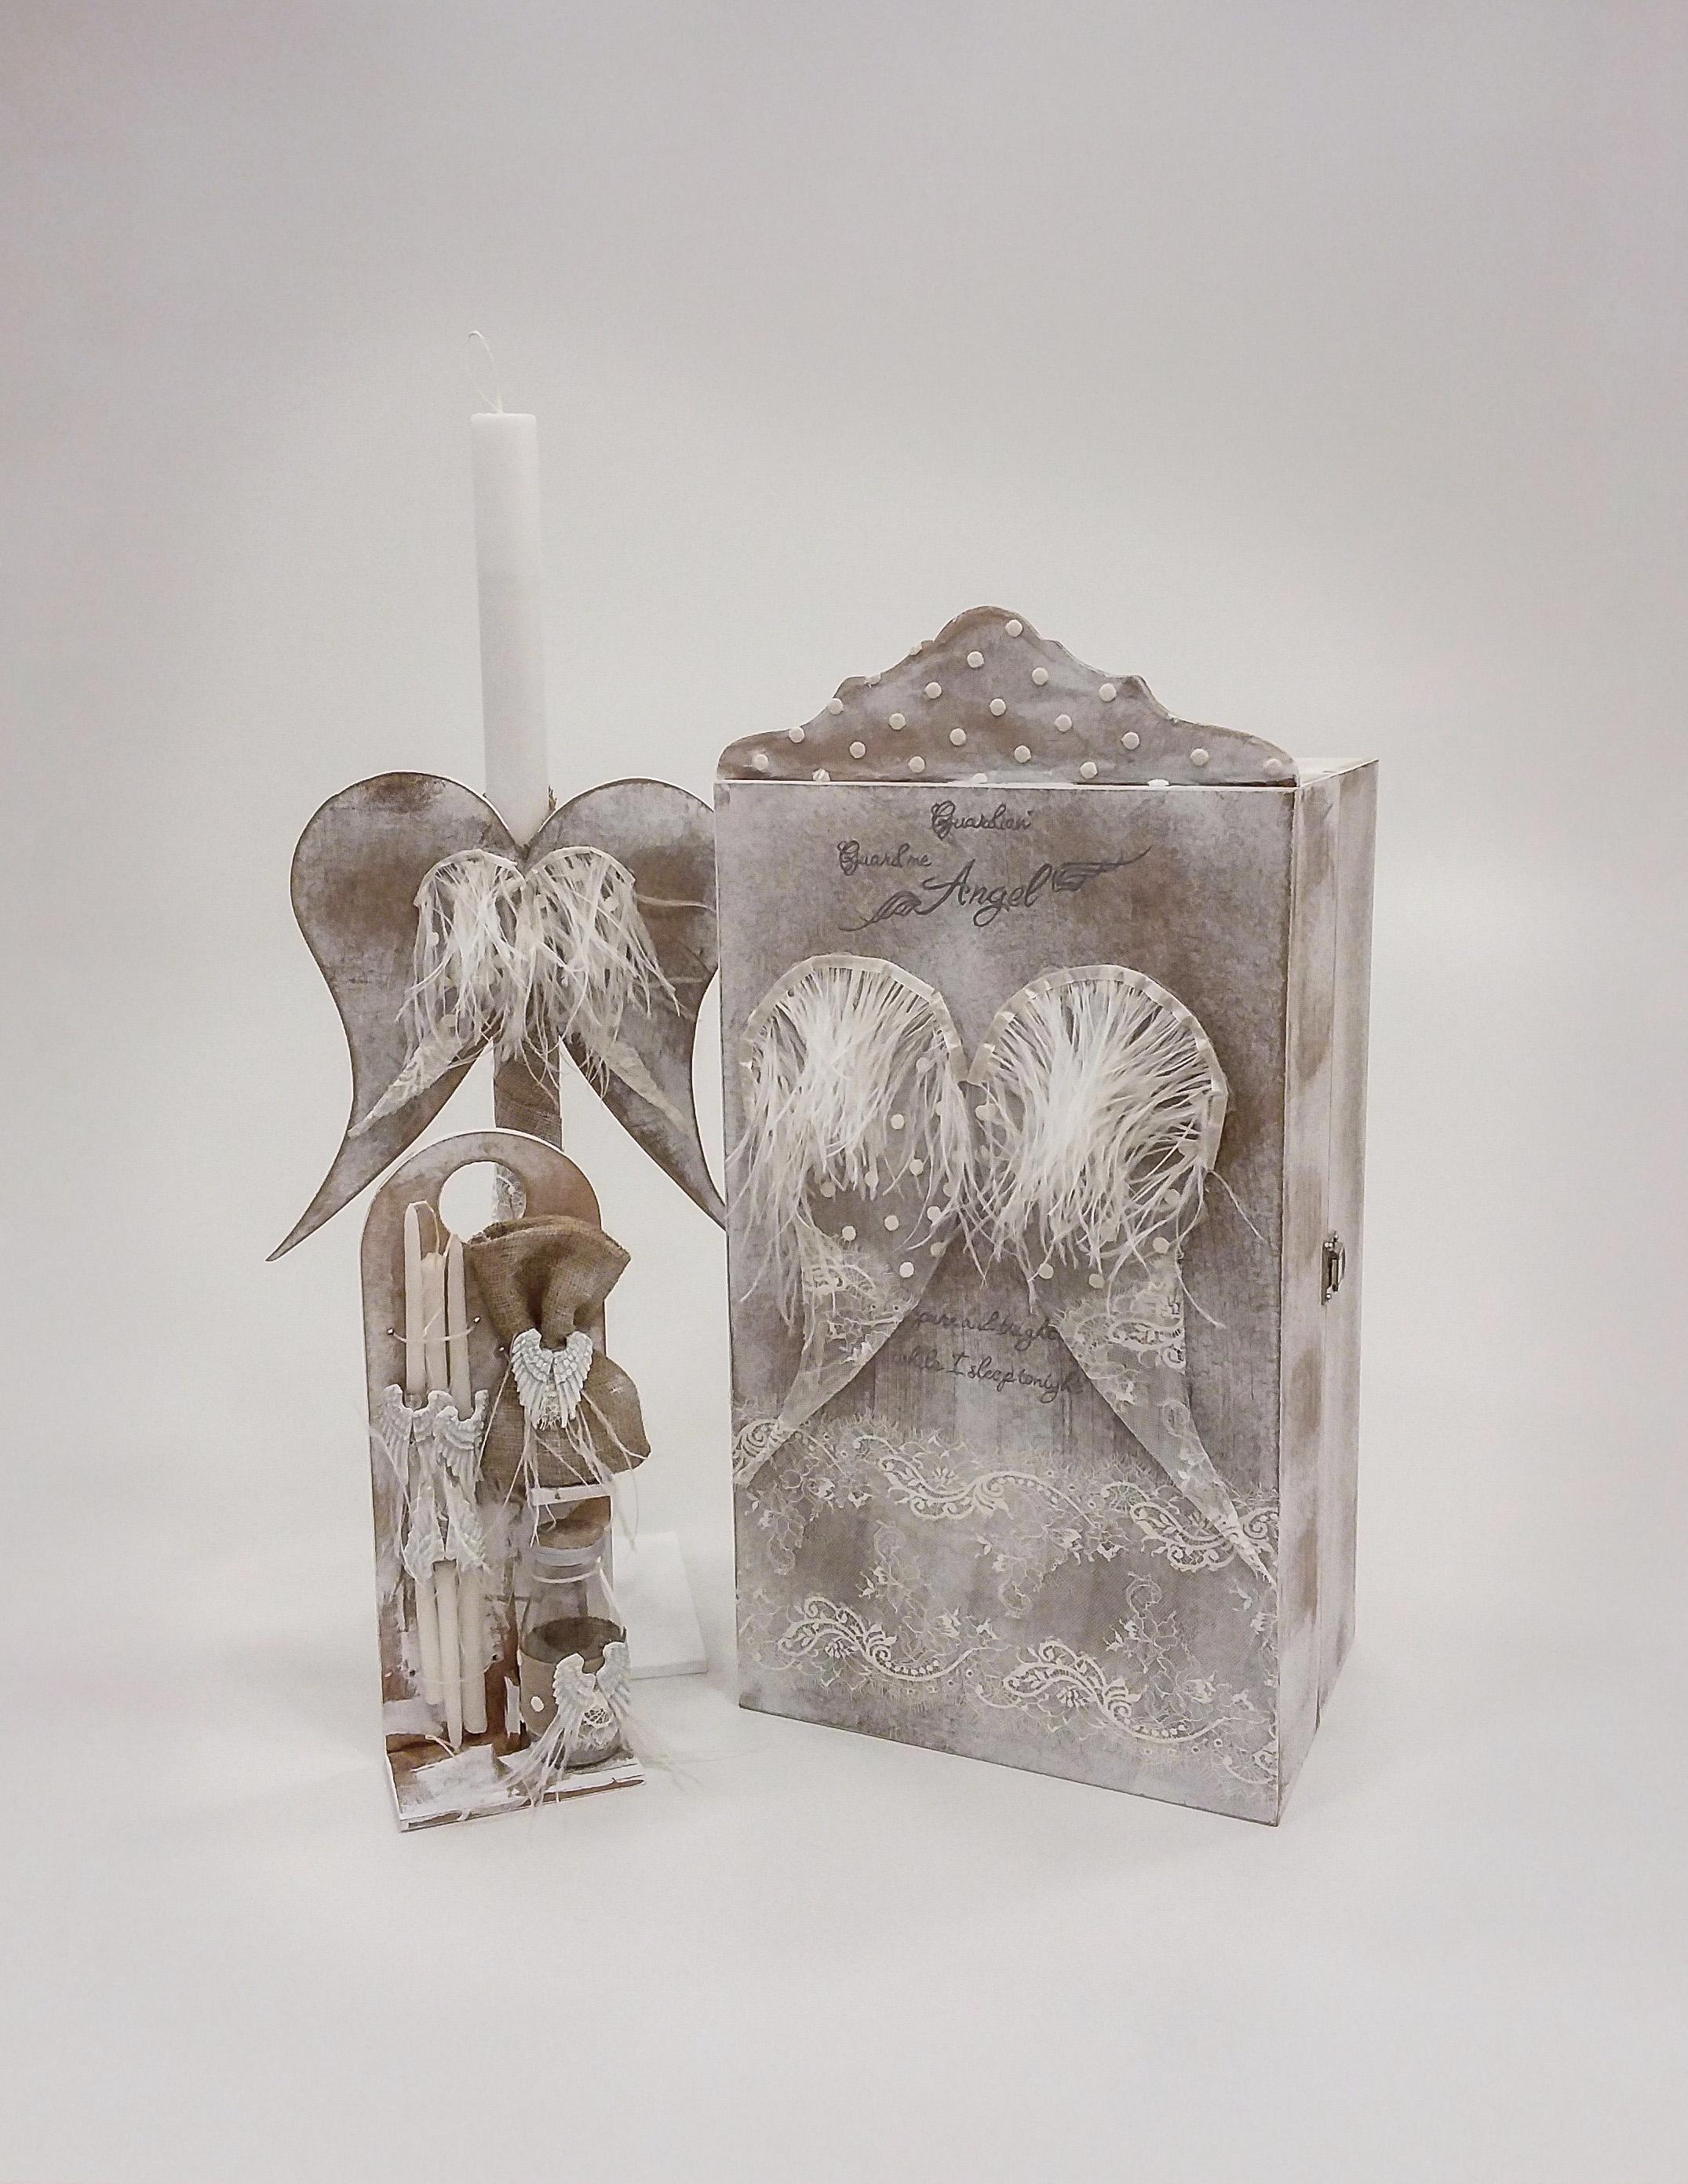 """Βαπτιστικό κουτί για κορίτσι """"Guardian Angel"""" by Elena Manakou  Χειροποίητο κουτί βάπτισης ντουλάπα """"Guardian Angel"""", με θήκες εσωτερικά για το ρούχο και τα αξεσουάρ βάπτισης, όλο ζωγραφισμένο στο χέρι και διακοσμημένο με δαντέλες τούλια και φτερά . Συνδυάζεται με την λαμπάδα και το λαδοσετ."""